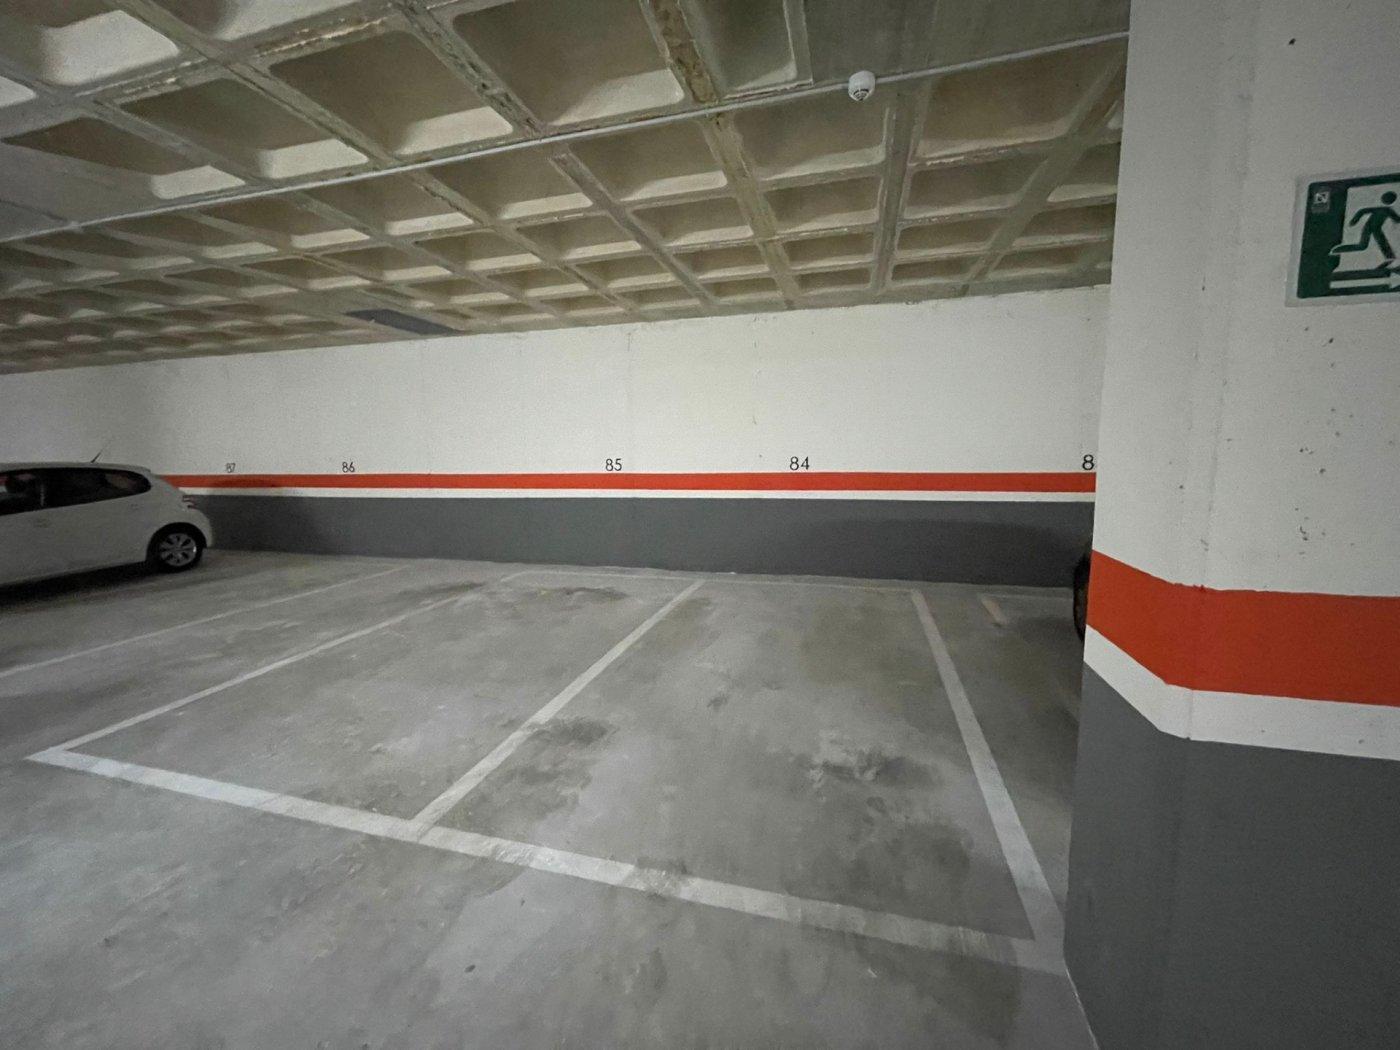 Urbanización, vvda en alquiler amueblada con garaje y trastero. 5 min. playa - imagenInmueble24